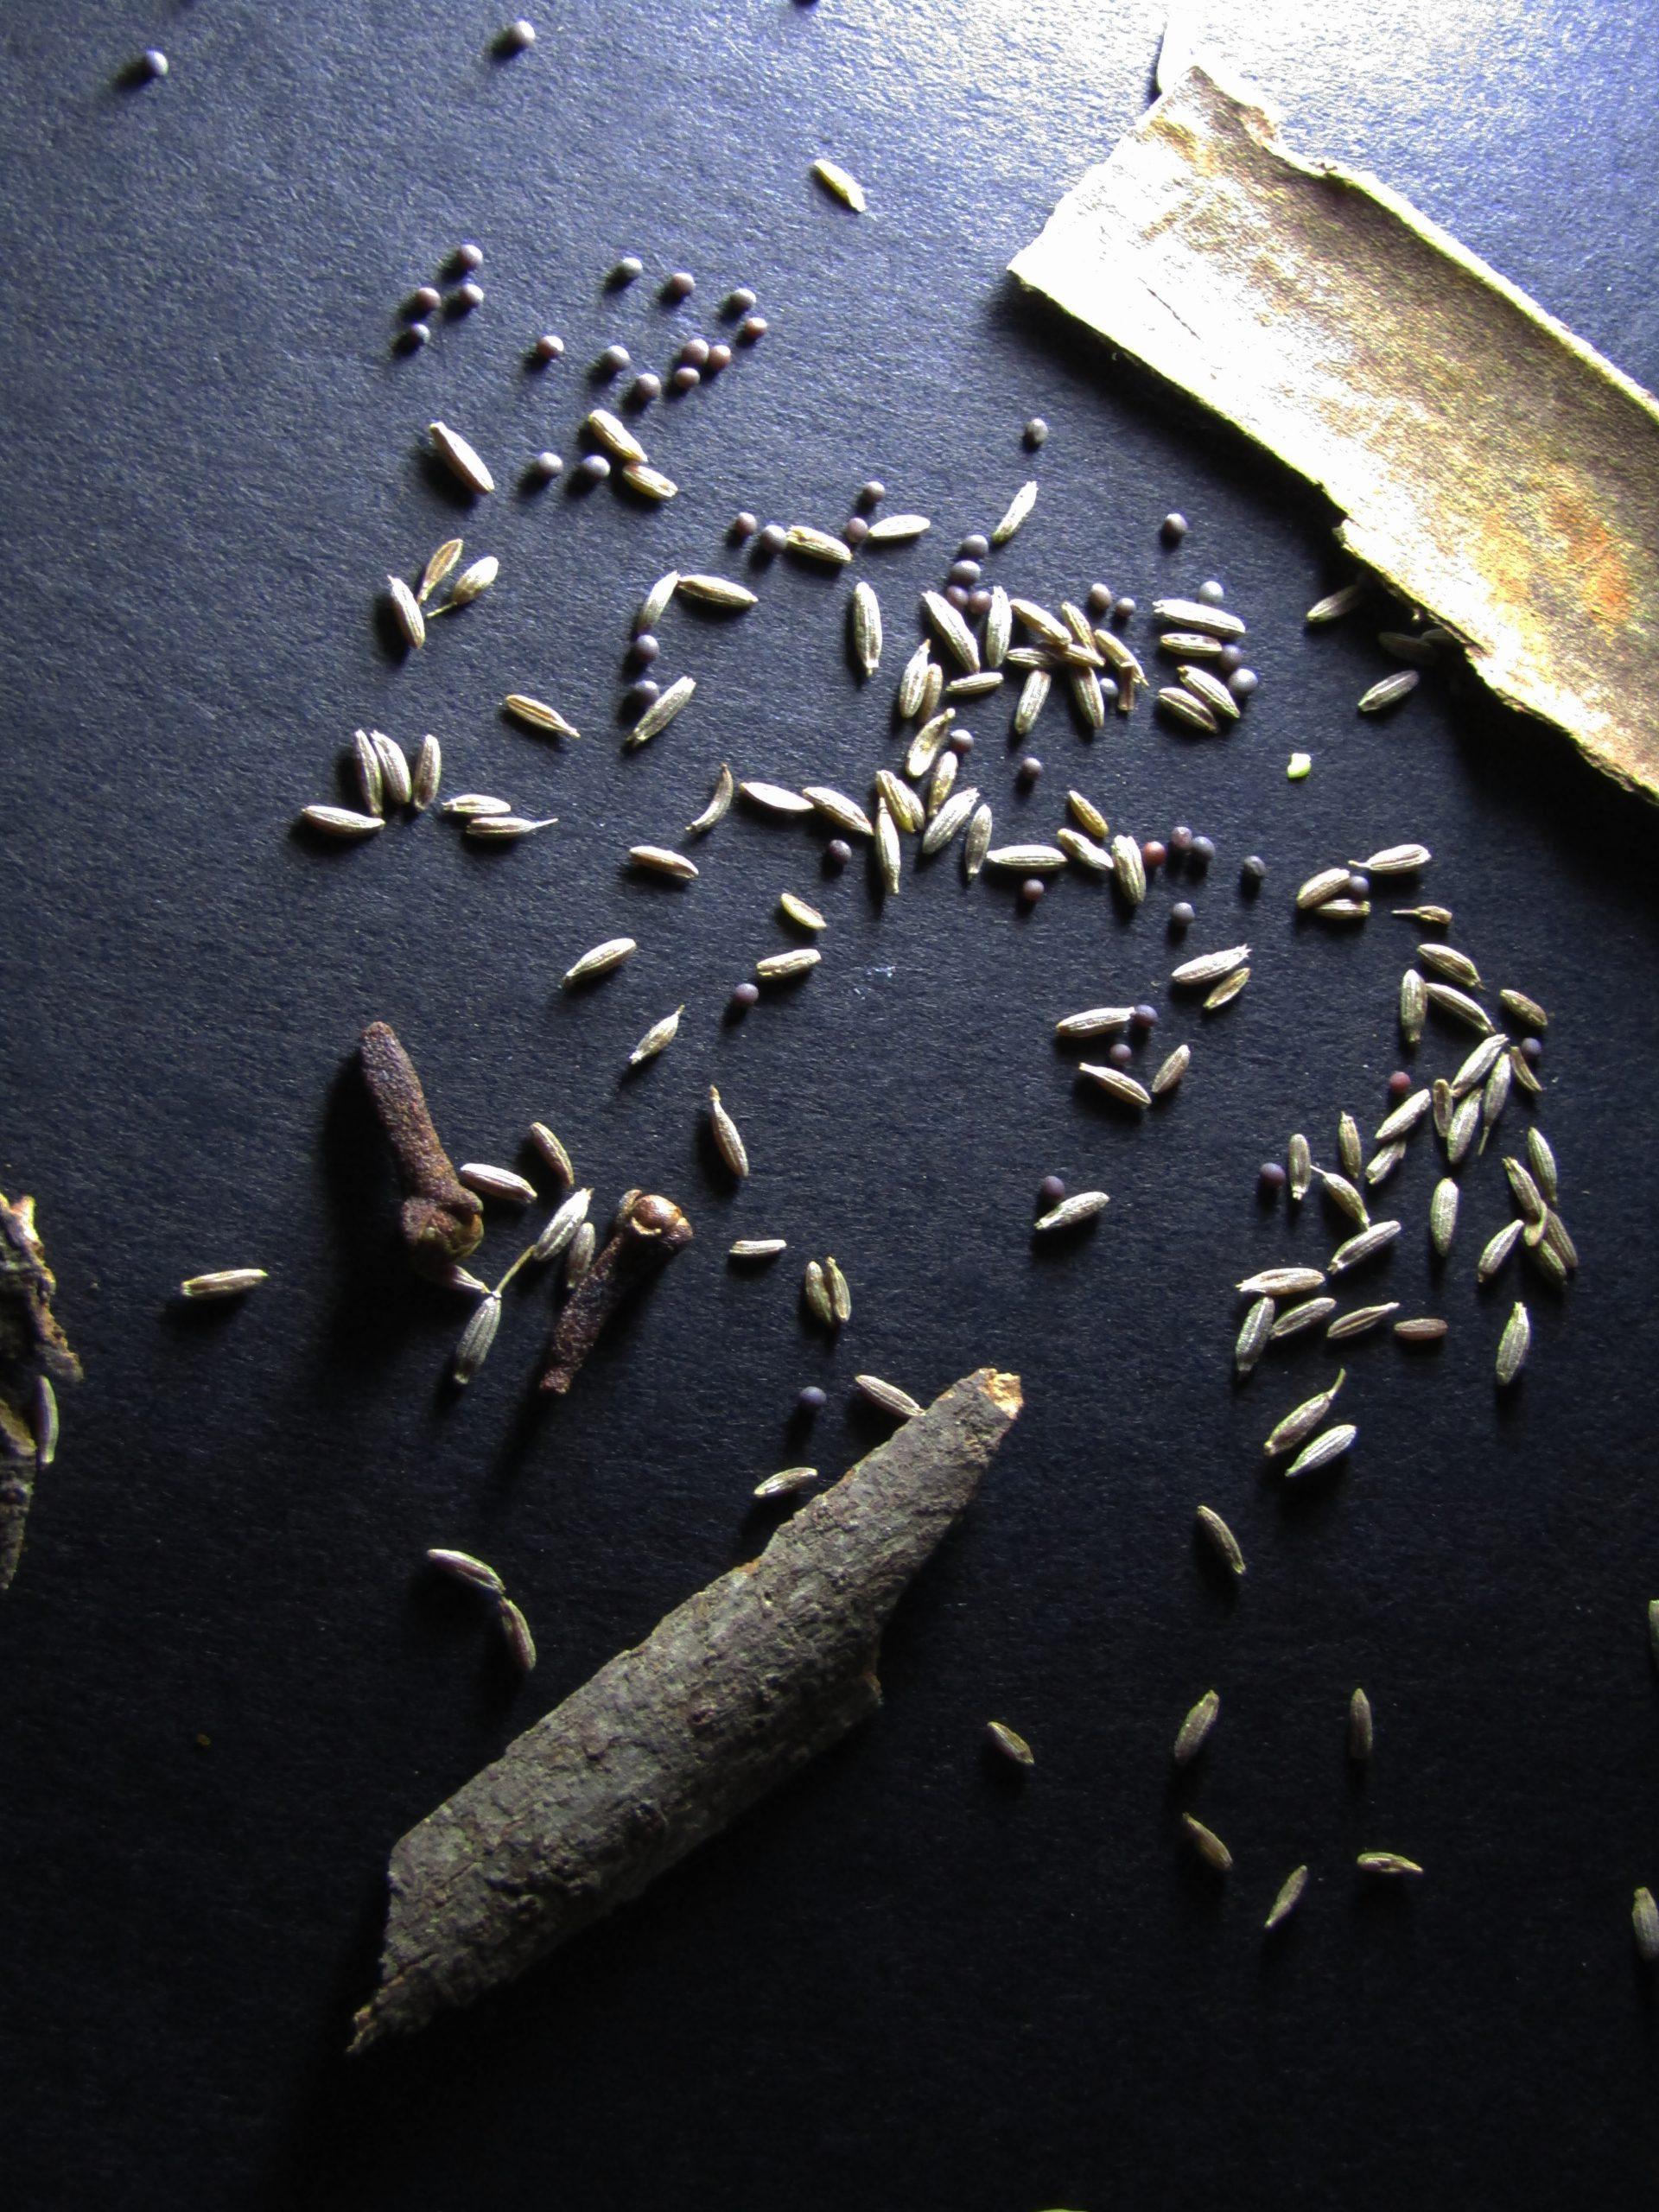 Cinnamon and cumin seeds